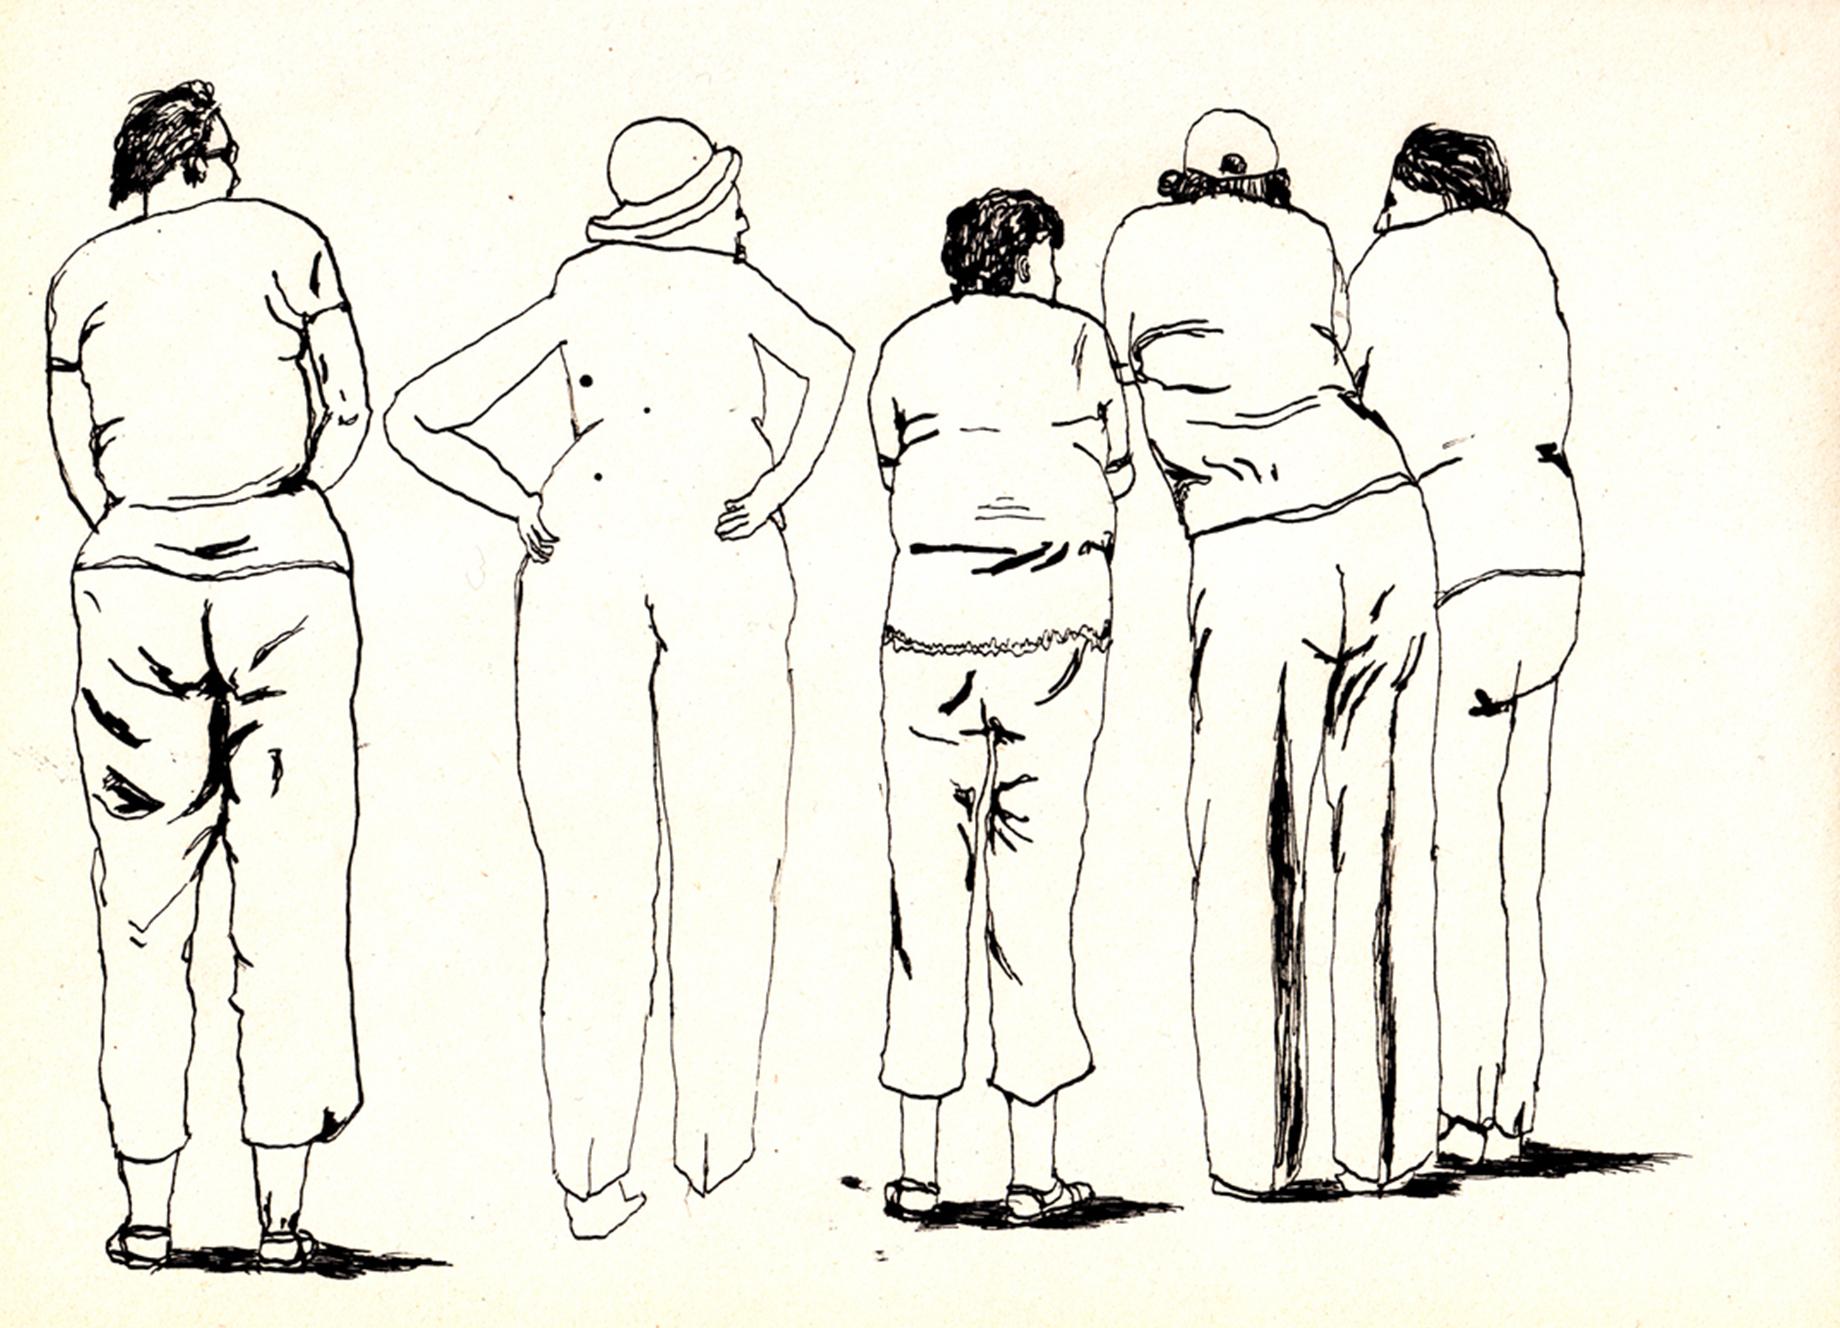 de billenclub  | inkt op papier